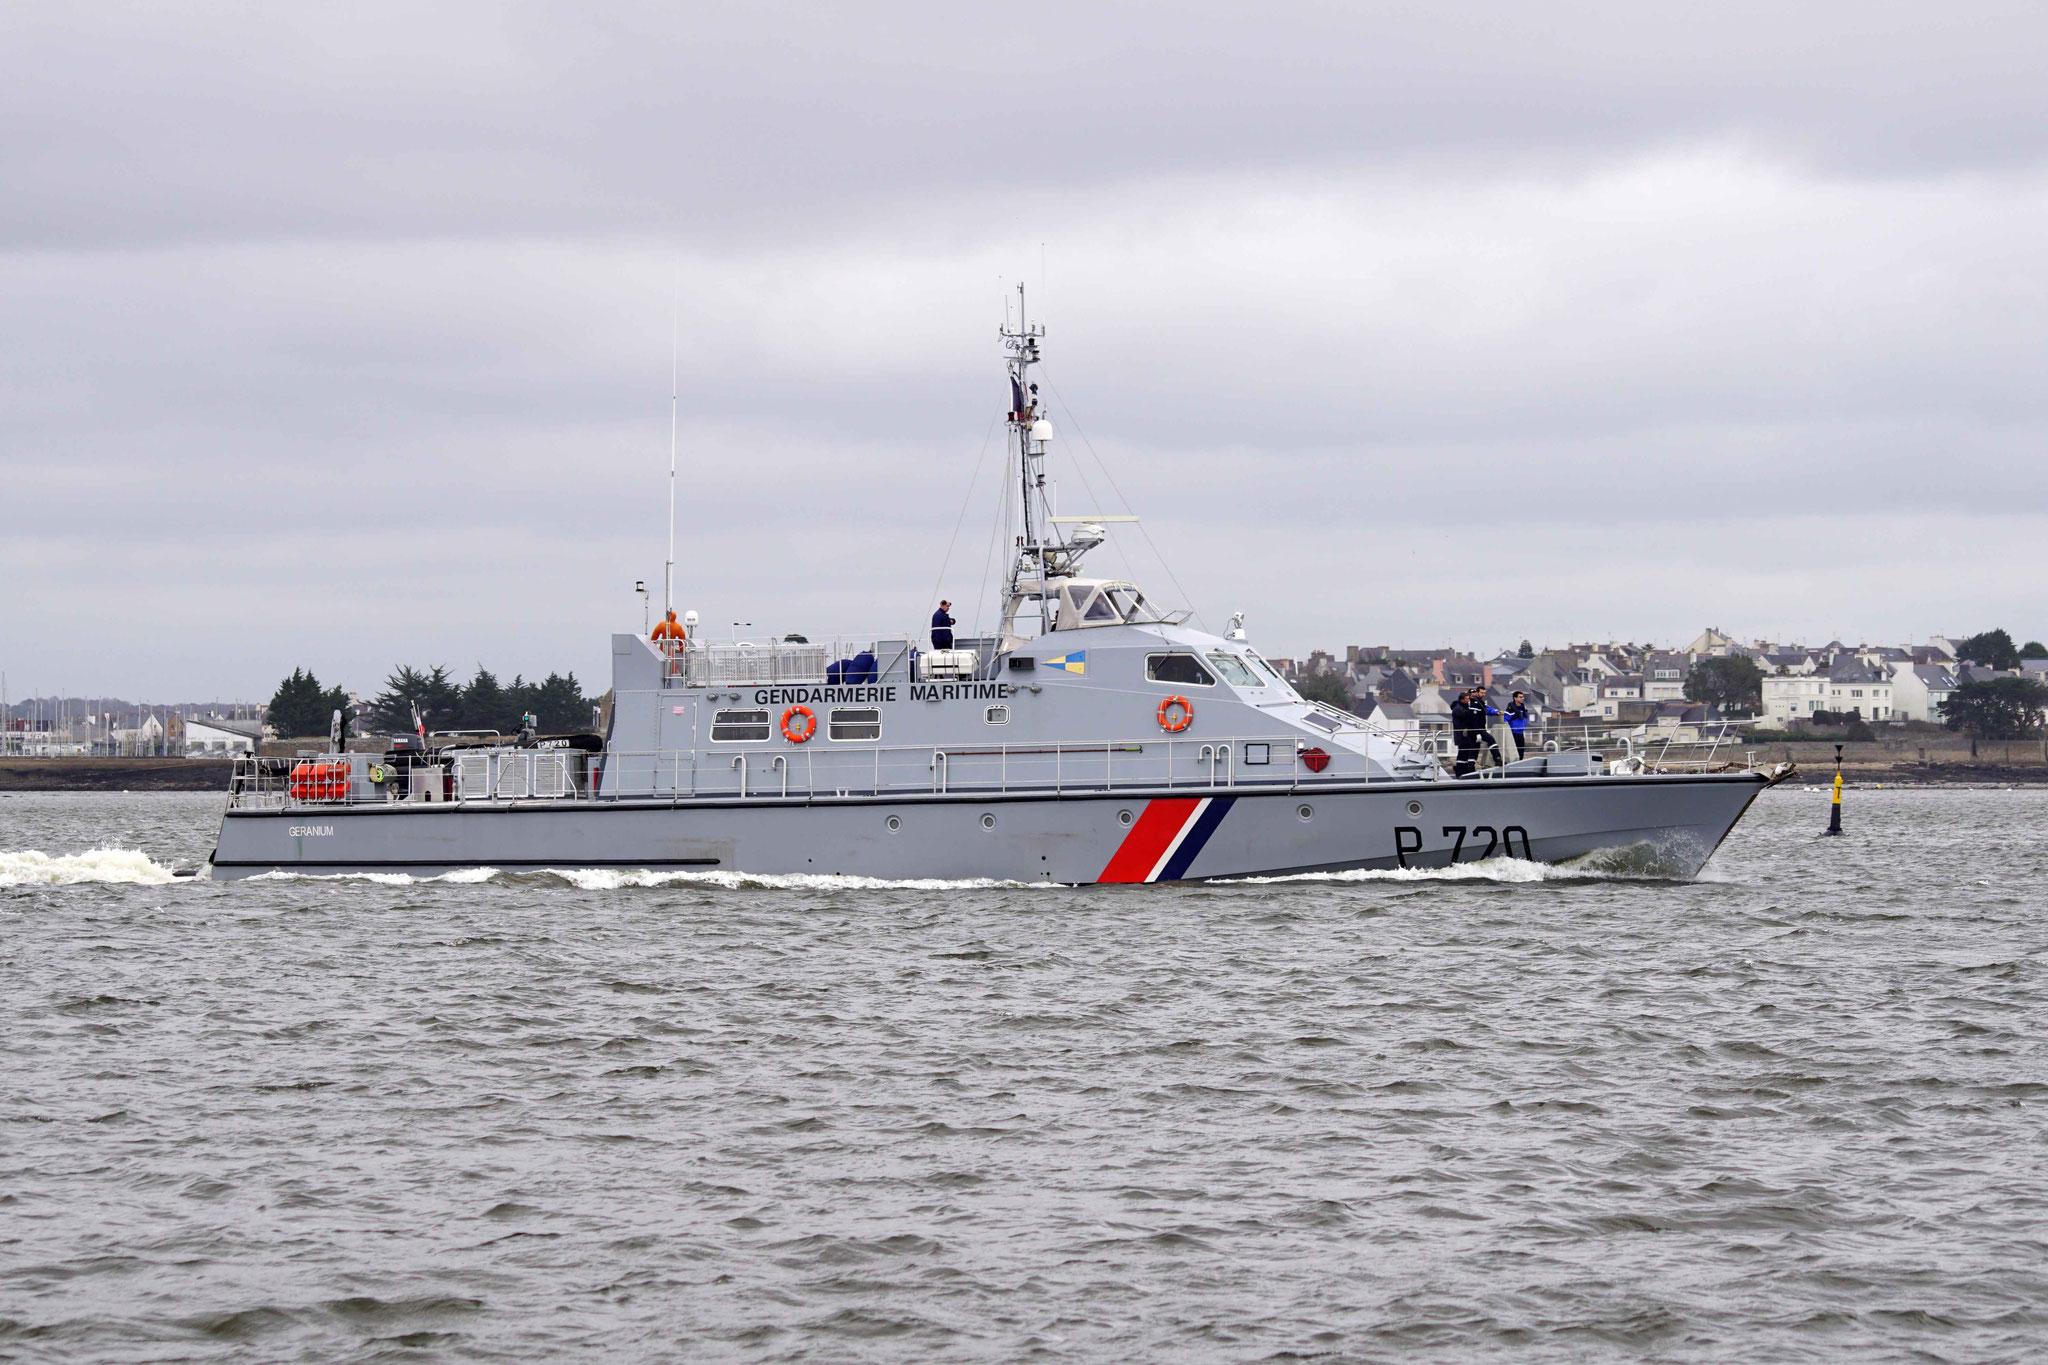 Géranium (Patrouilleur ; 32,15 m / 6,10 m ~ Gendarmerie Maritime), mmsi 228807300 ; P 720 ~ Construit en 1995